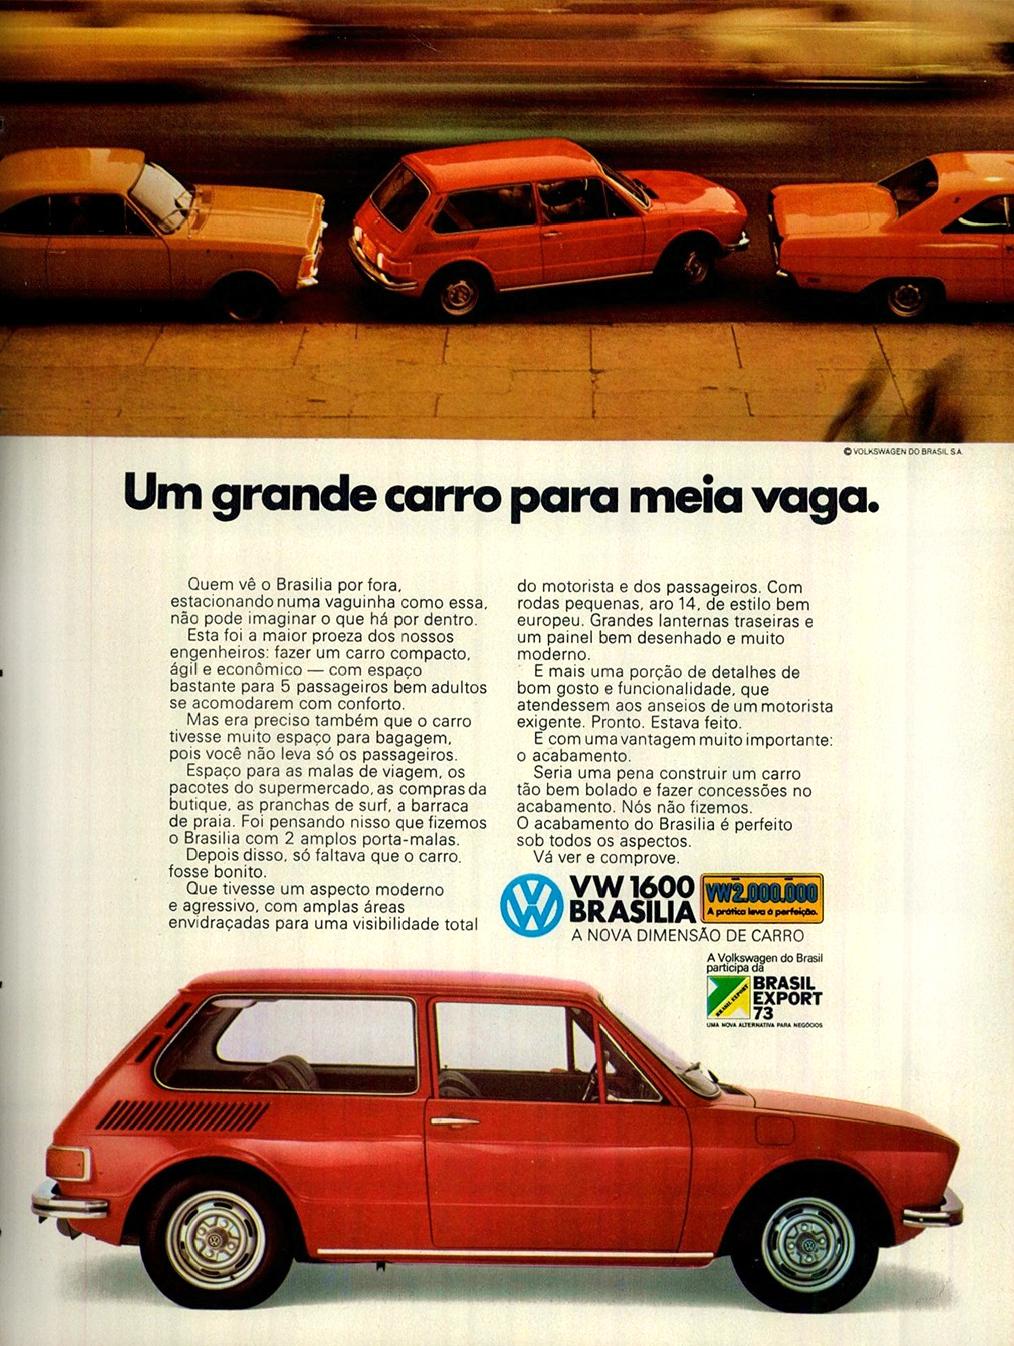 Campanha da Volkswagen em 1973 promovendo a Brasília como o compacto mais potente da época